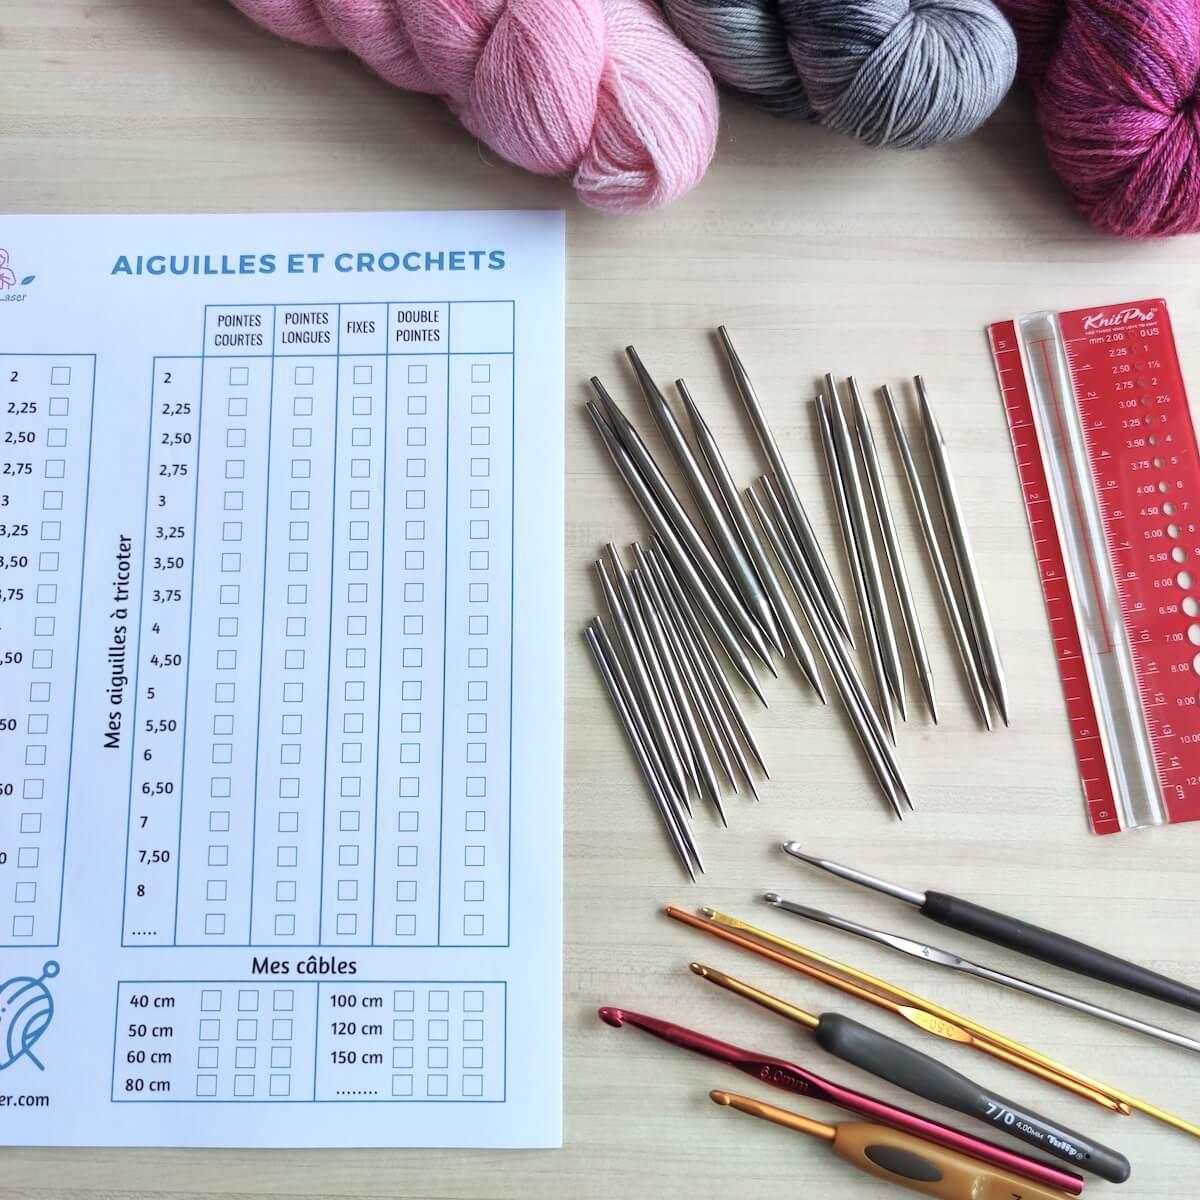 Comment organiser ses aiguilles à tricoter et ses crochets ? (Mémo)